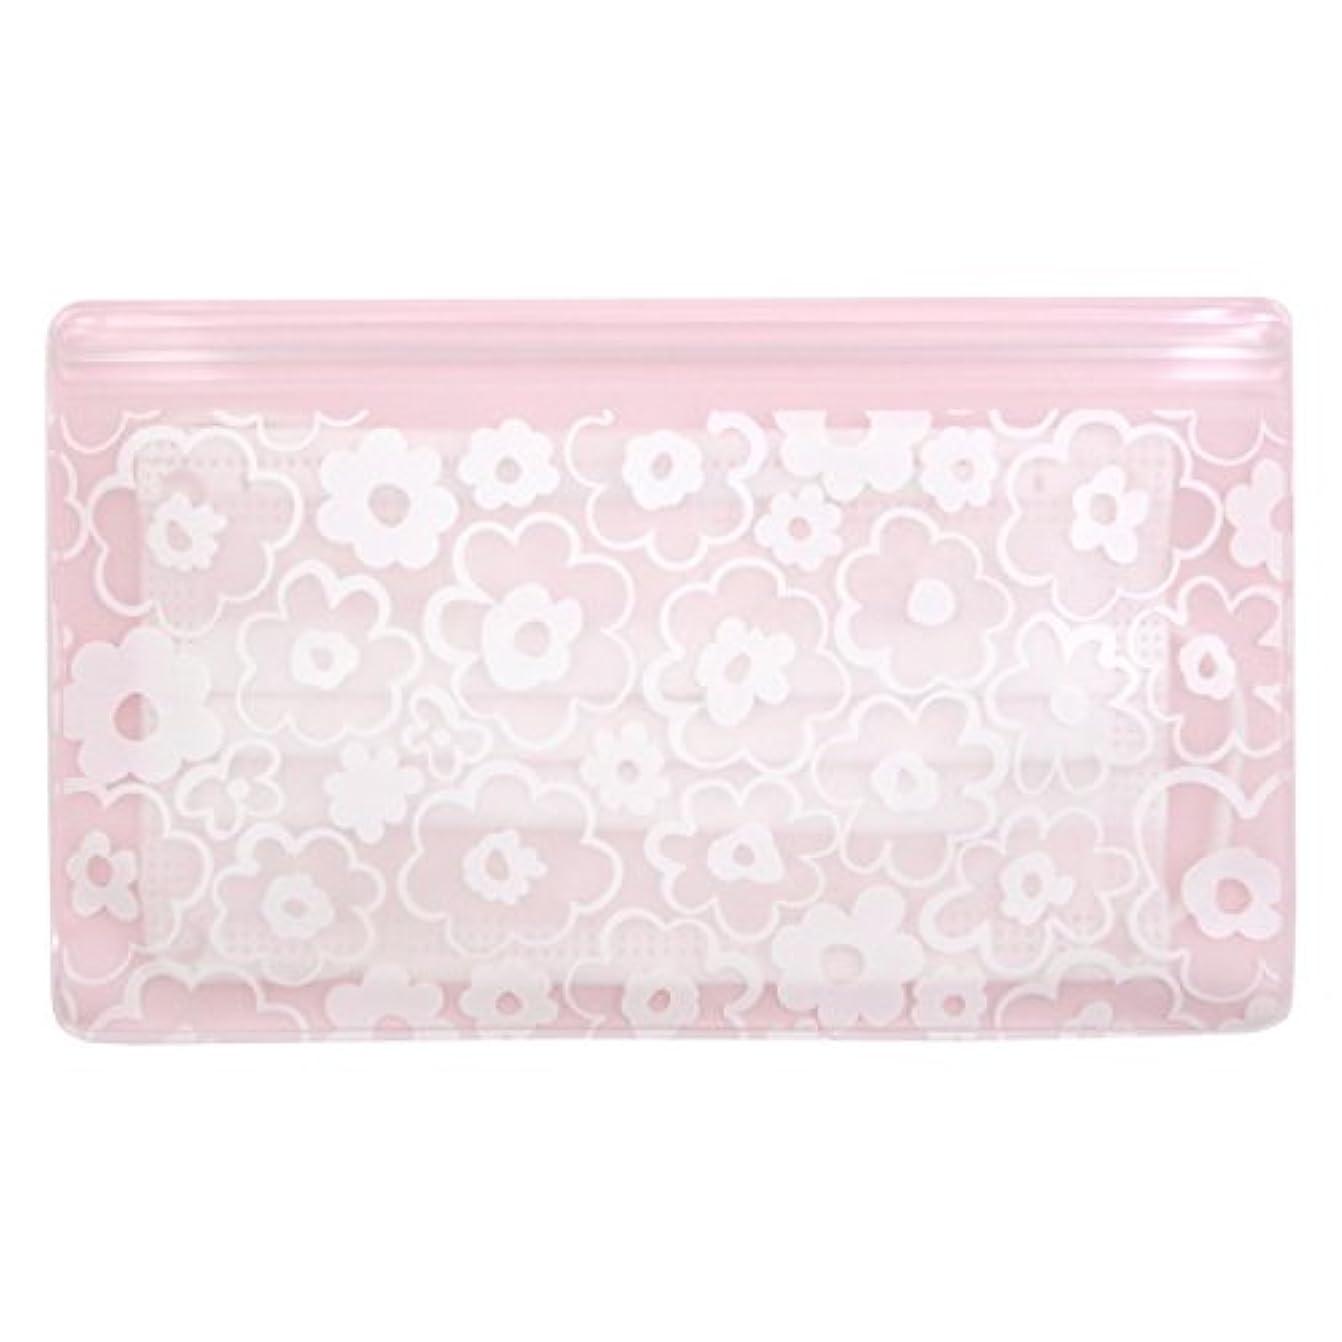 エージェント規則性ずらす抗菌マスクケース Wポケット 花柄ピンク いやあらっくす